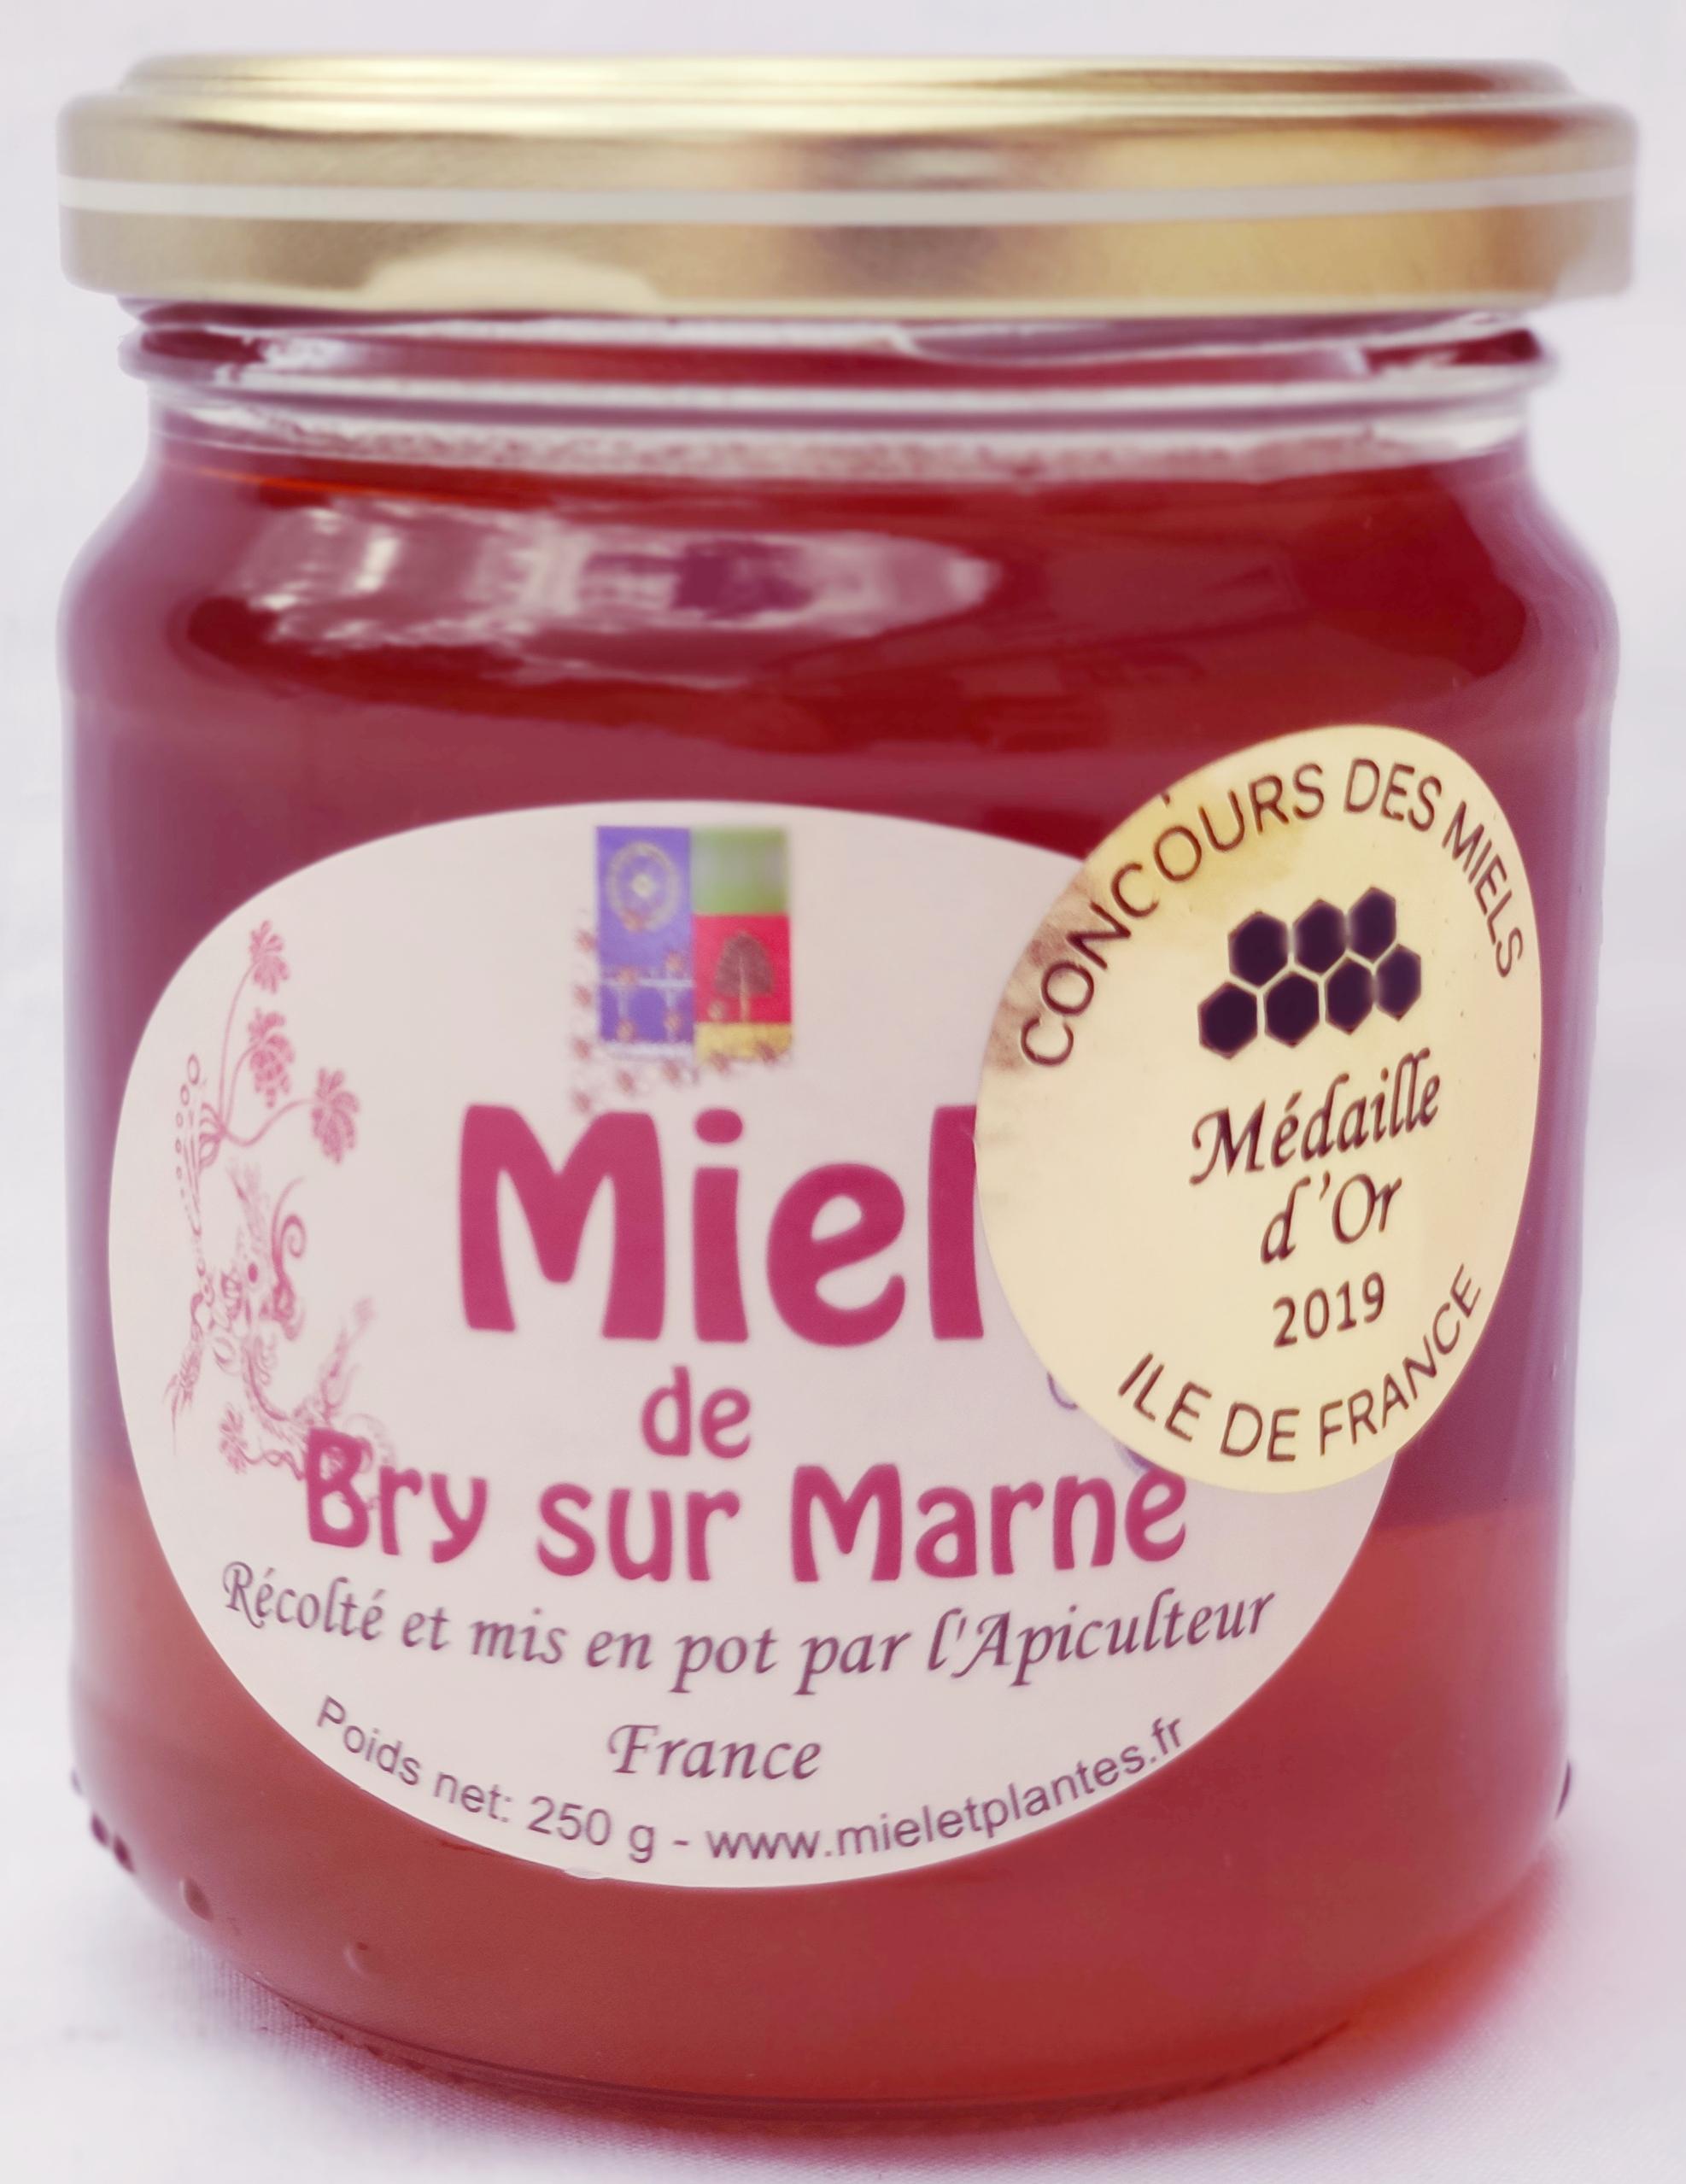 Miel toutes fleurs Médaille d'or 2019 au concours des miels Ile de France et de la Métropole du Grand Paris